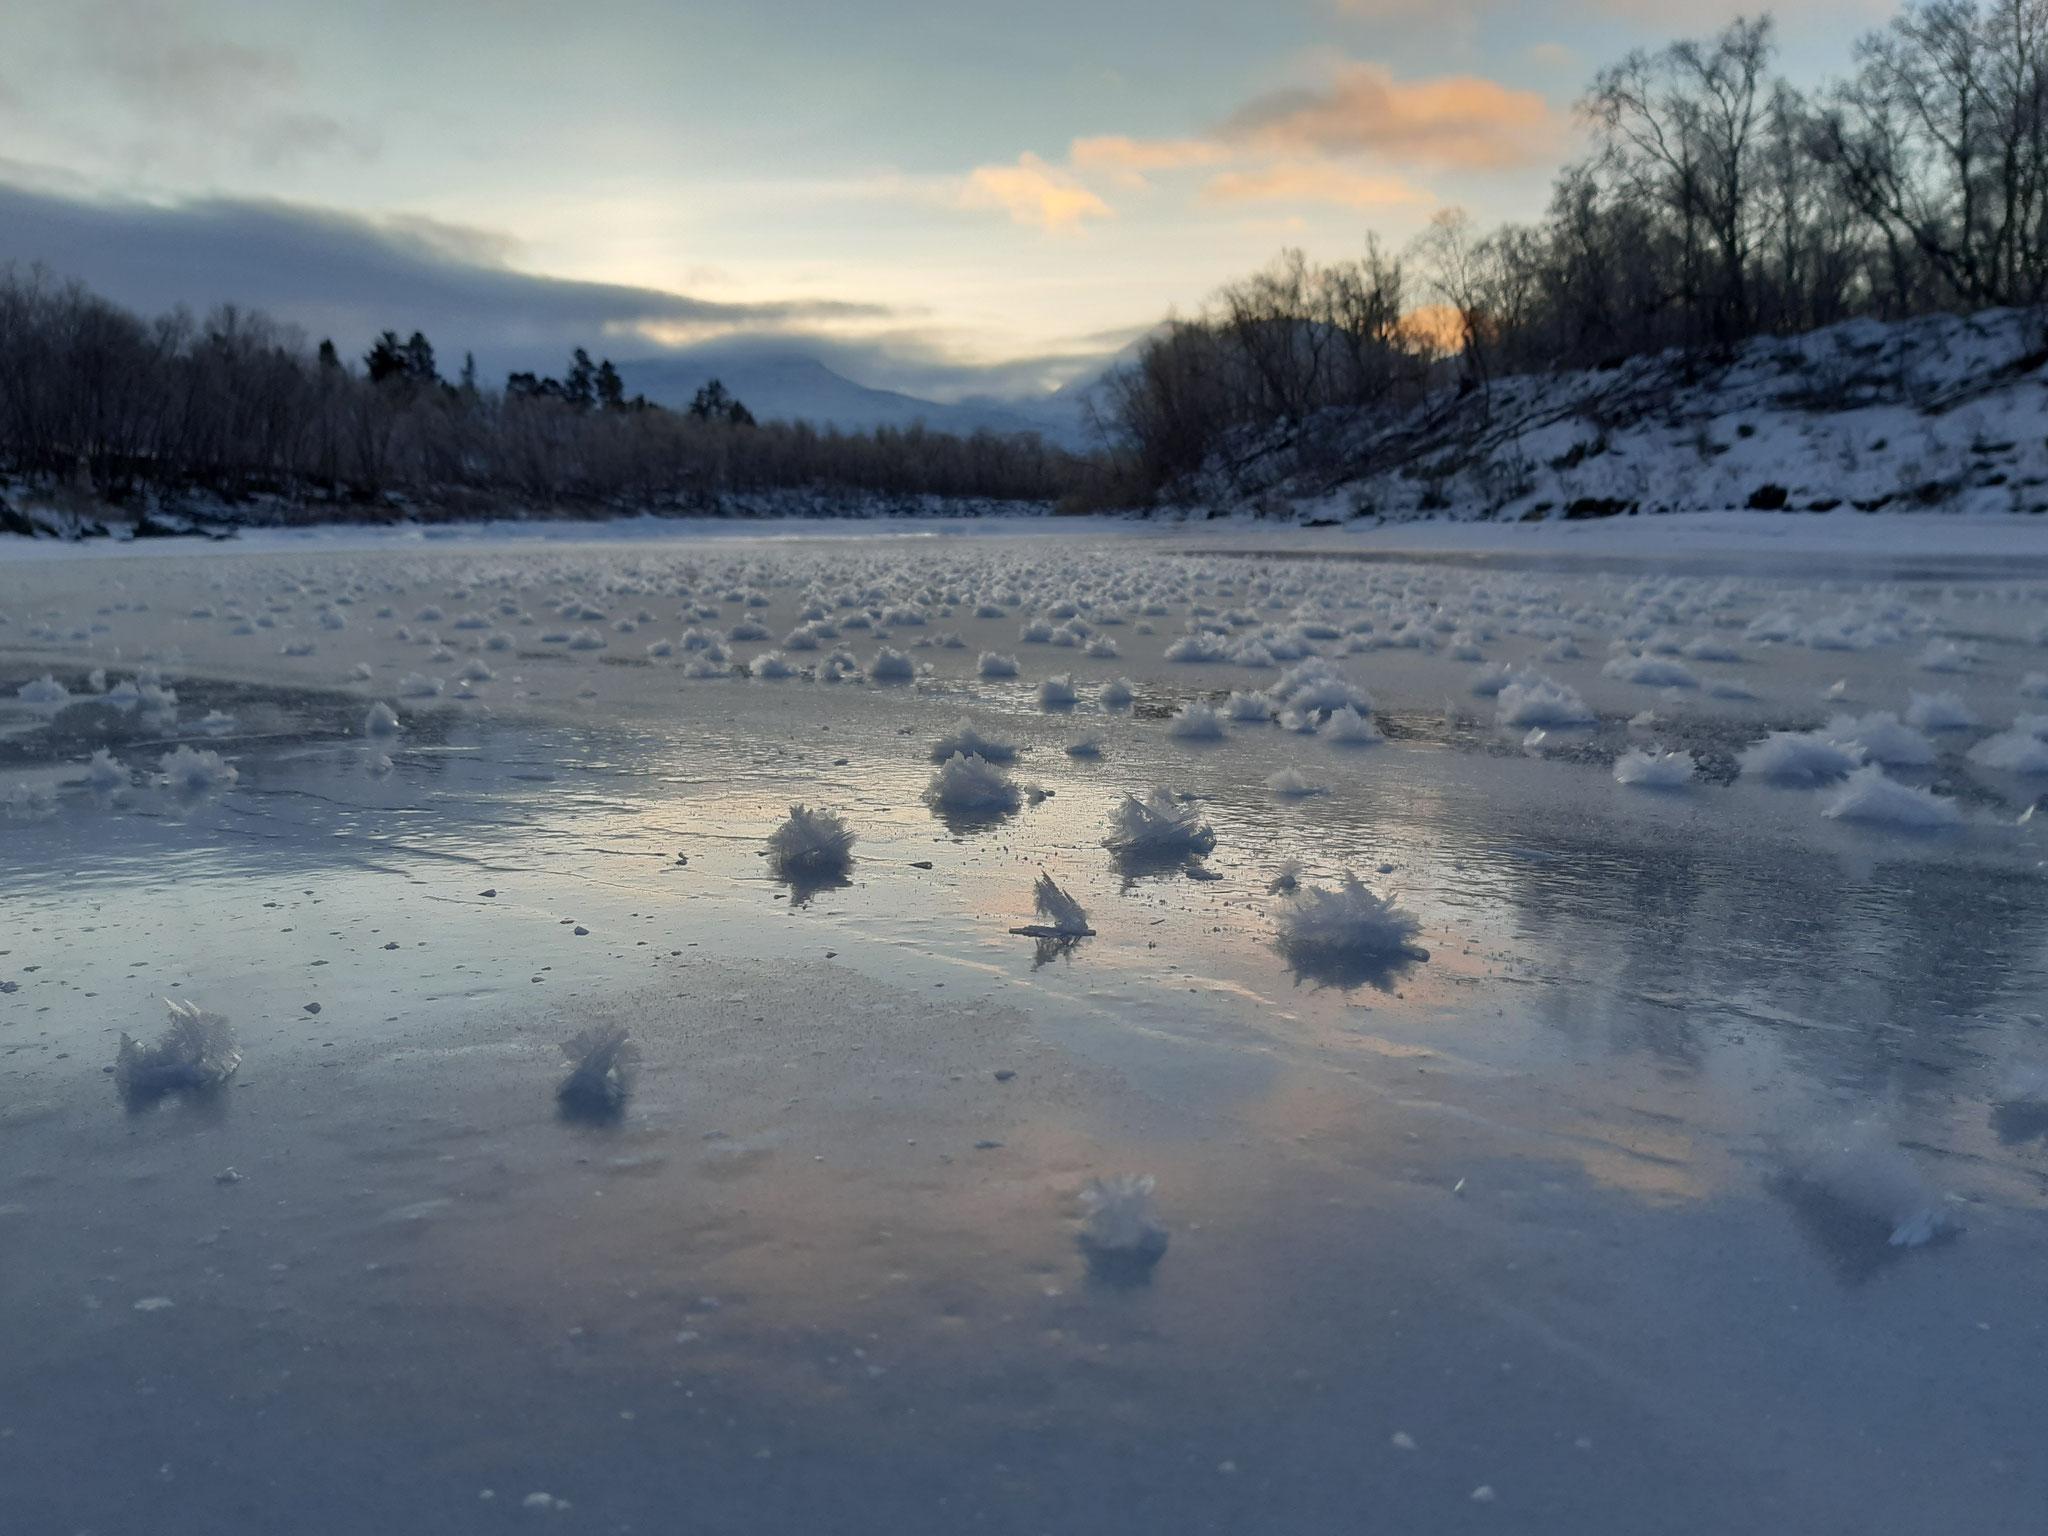 Eisblumen auf dem See